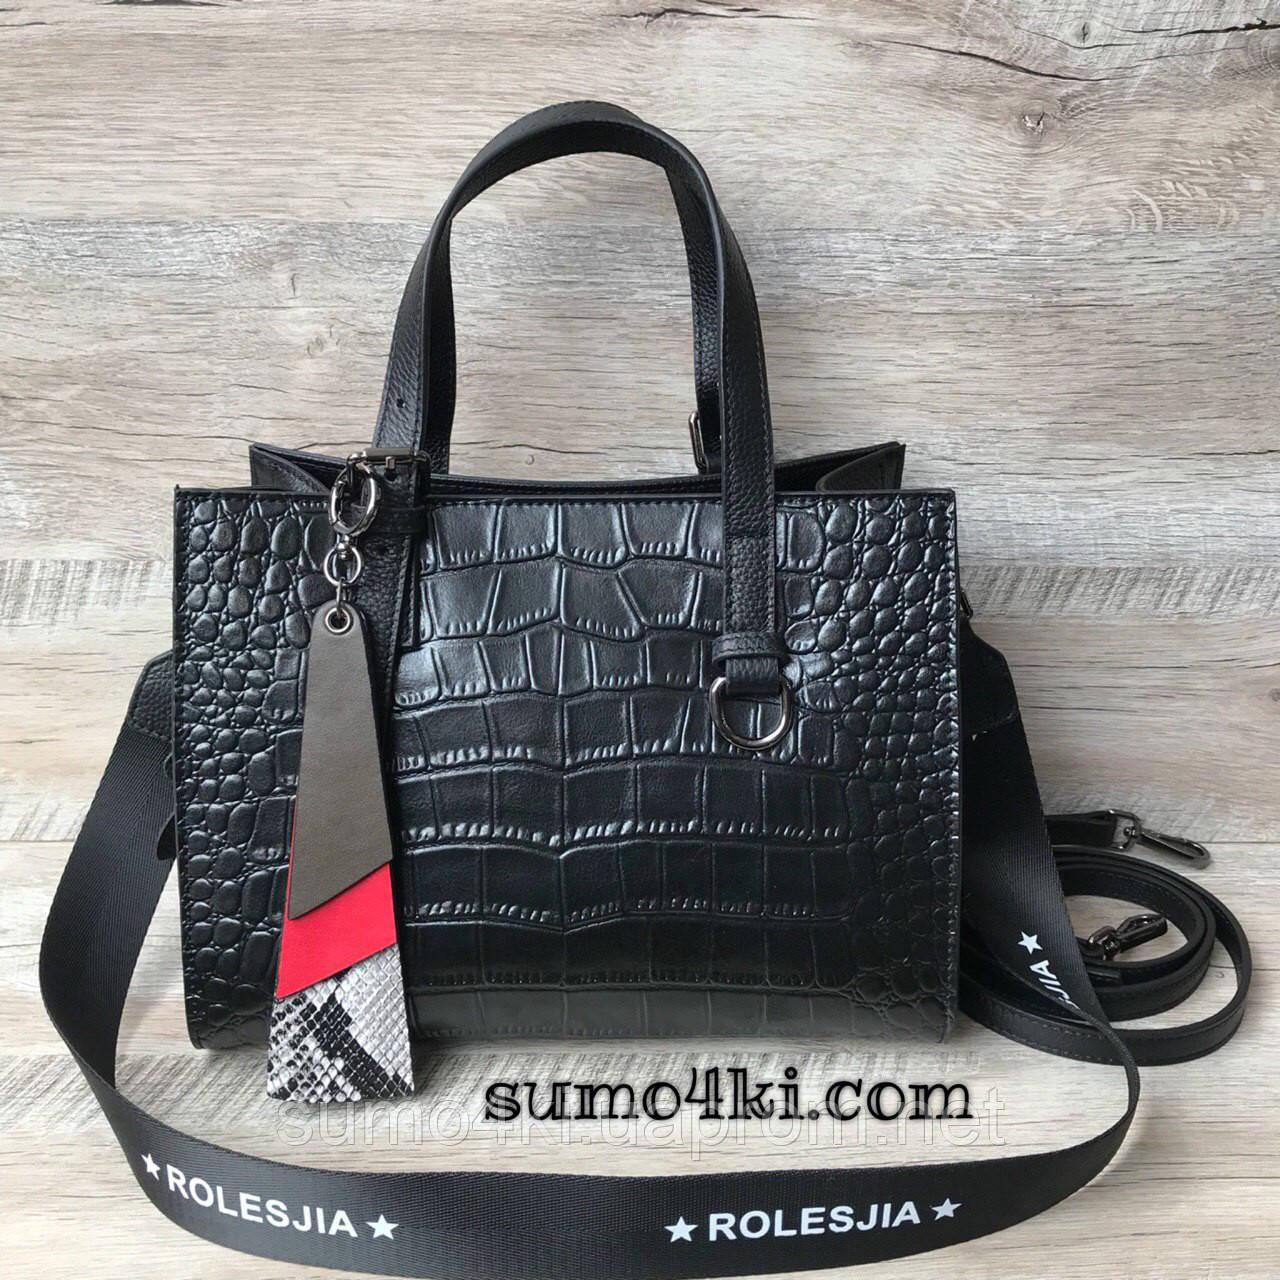 женская кожаная сумка под крокодила, фото 1